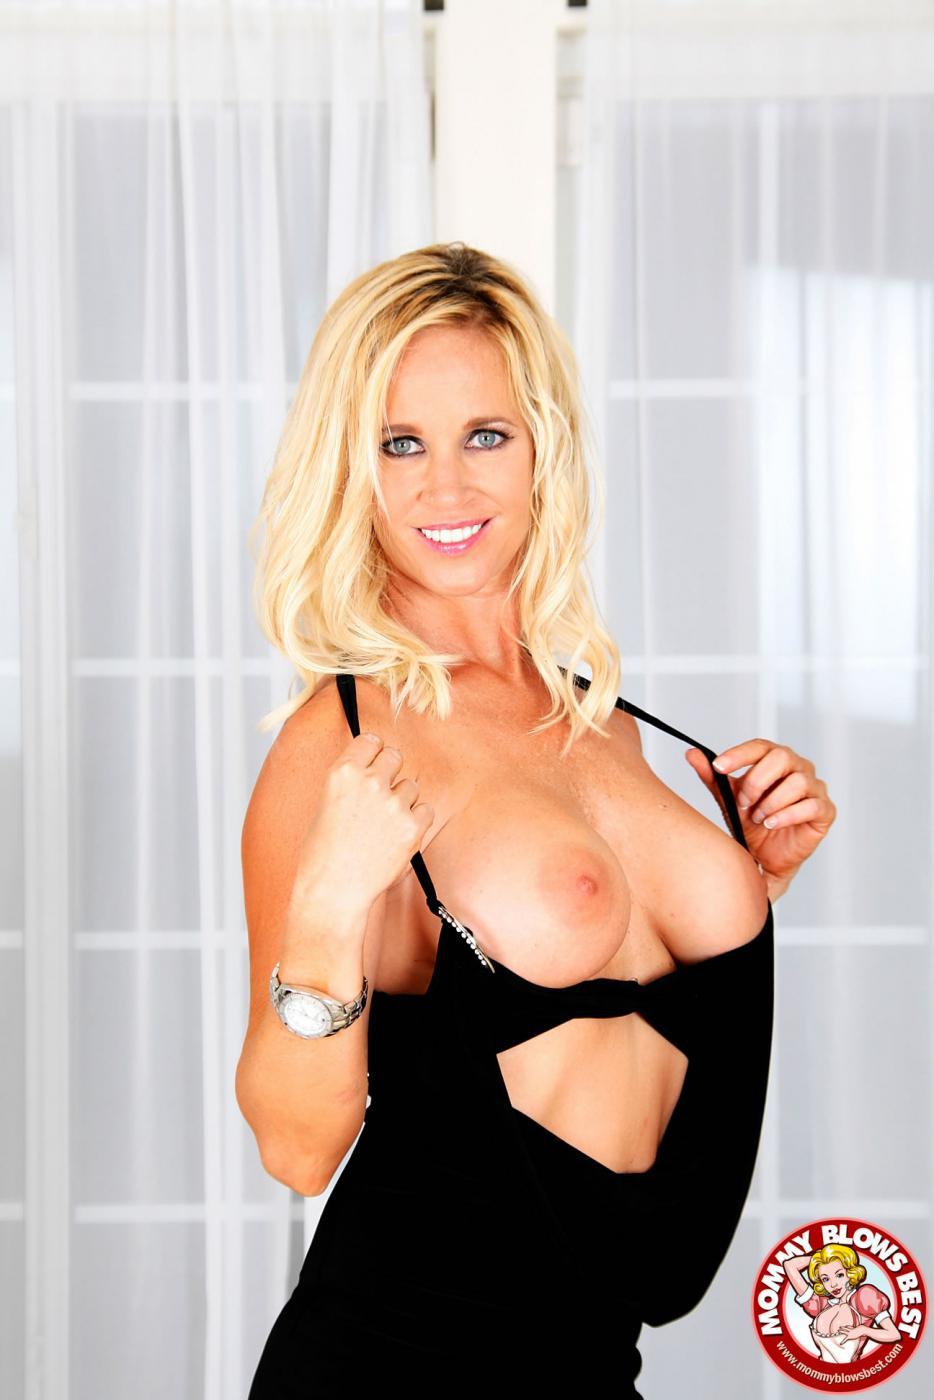 Светловолосая мамуля Totally Tabitha с большой грудью делает чудесный минет с твоей точки просмотра!